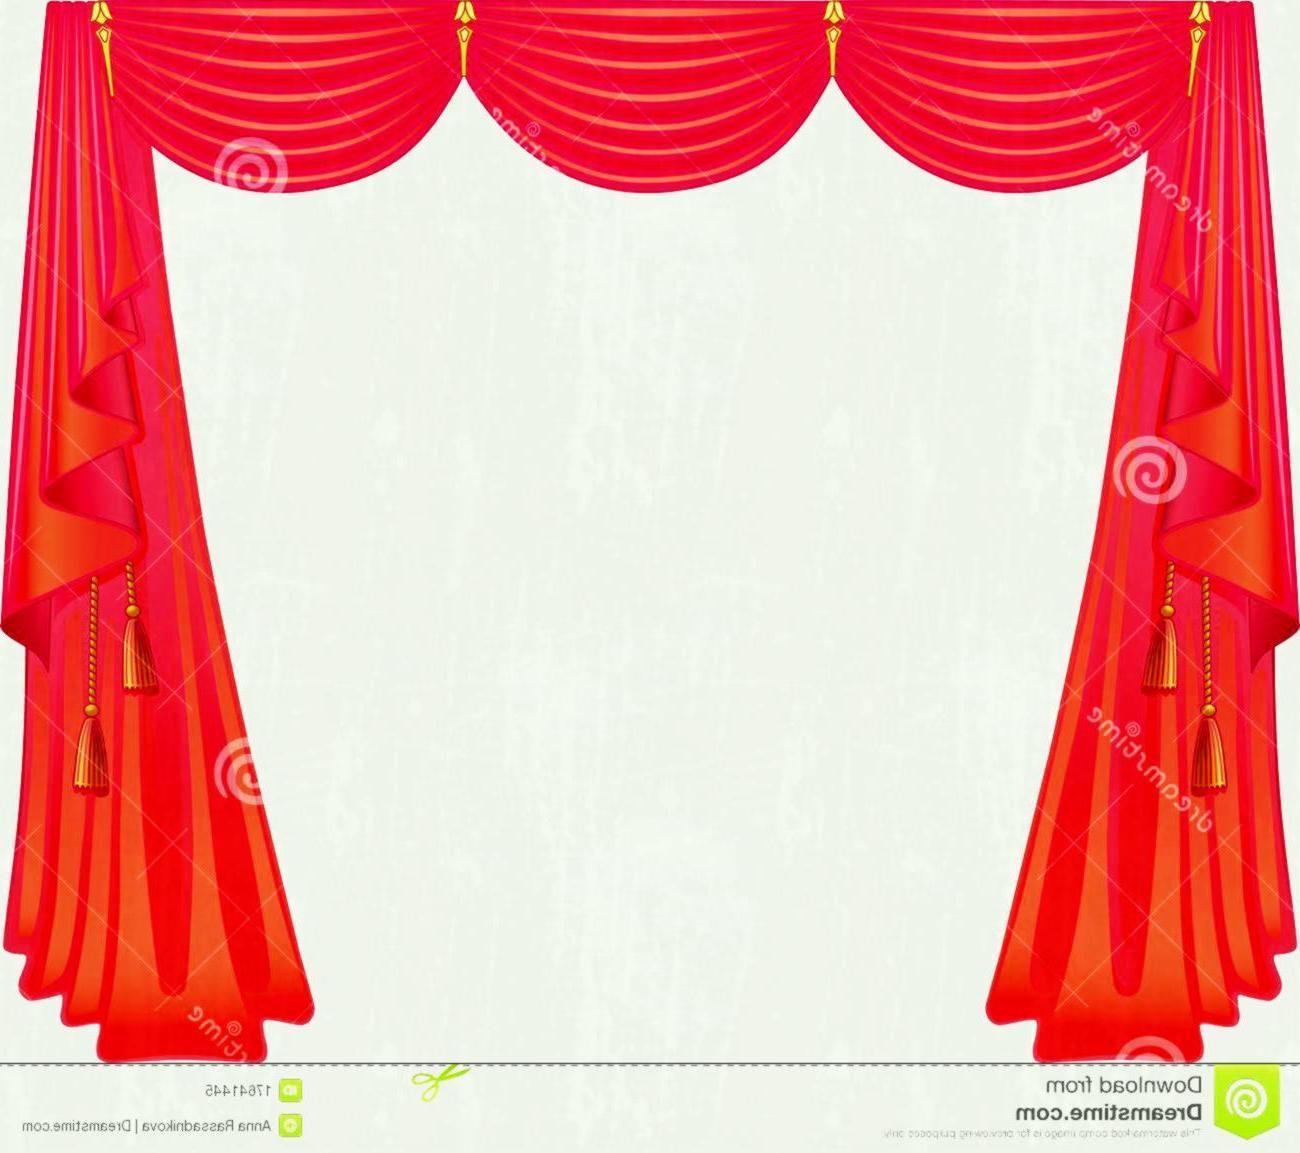 theatre clipart border